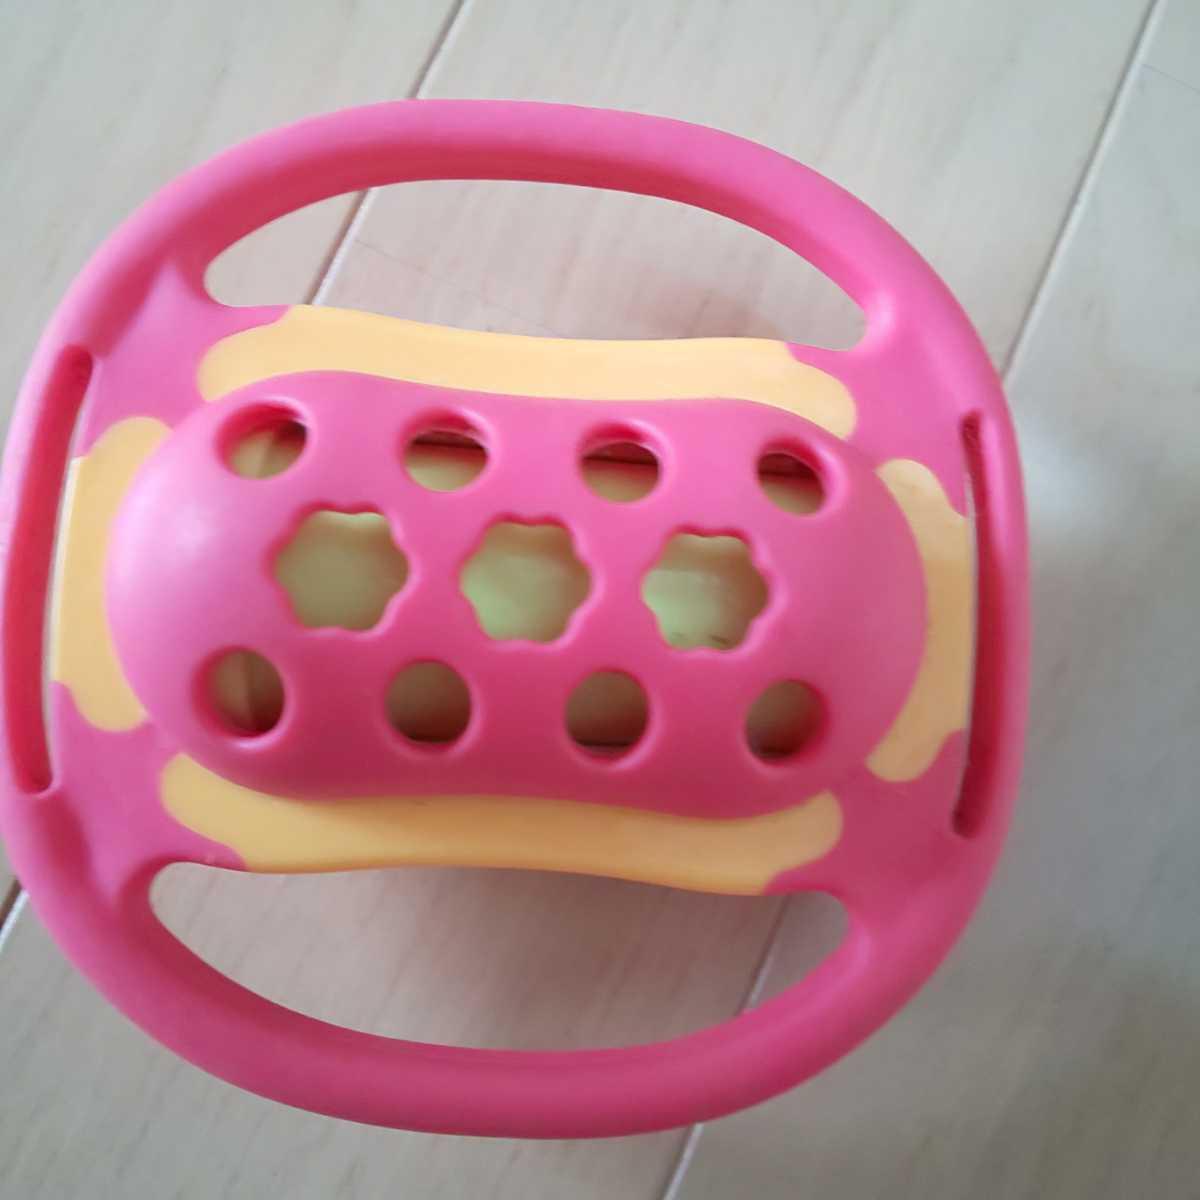 1円スタート! ガラガラ ベビーグッズ 赤ちゃんグッズ 赤ちゃんのおもちゃ 音のなるおもちゃ グッズ akichan7777jp_画像2